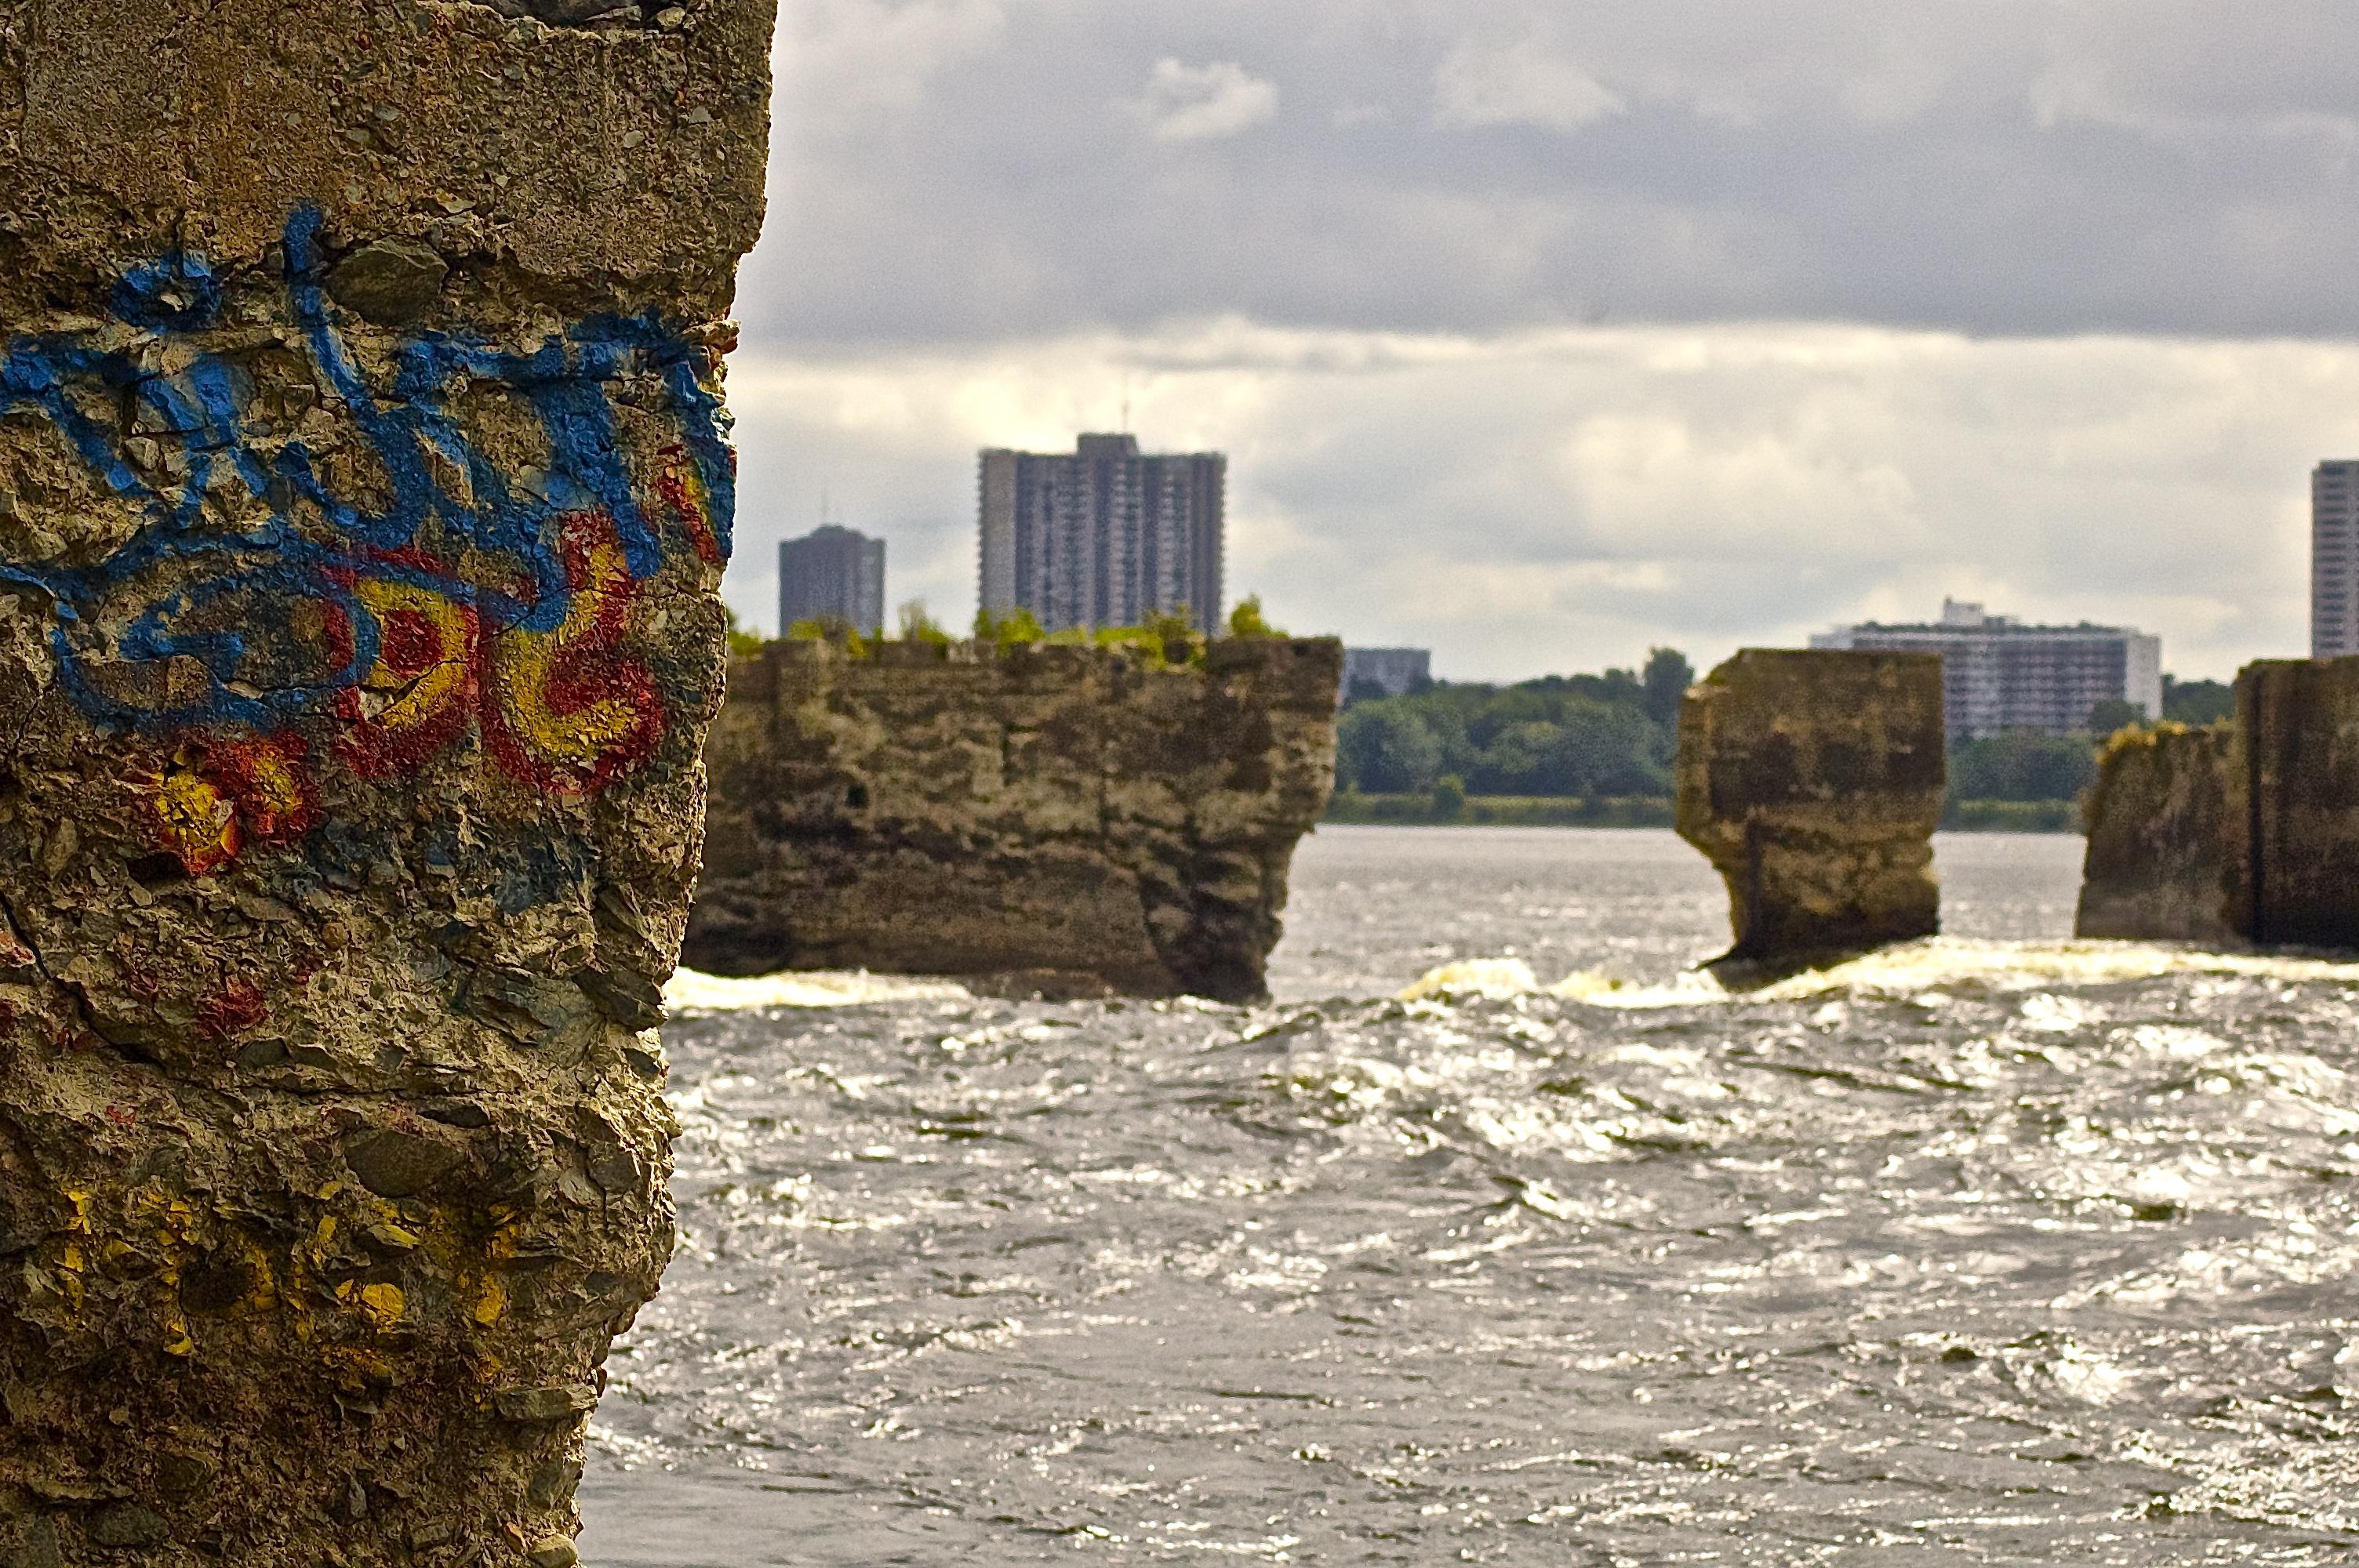 Image search: Node Beach Nj Photos